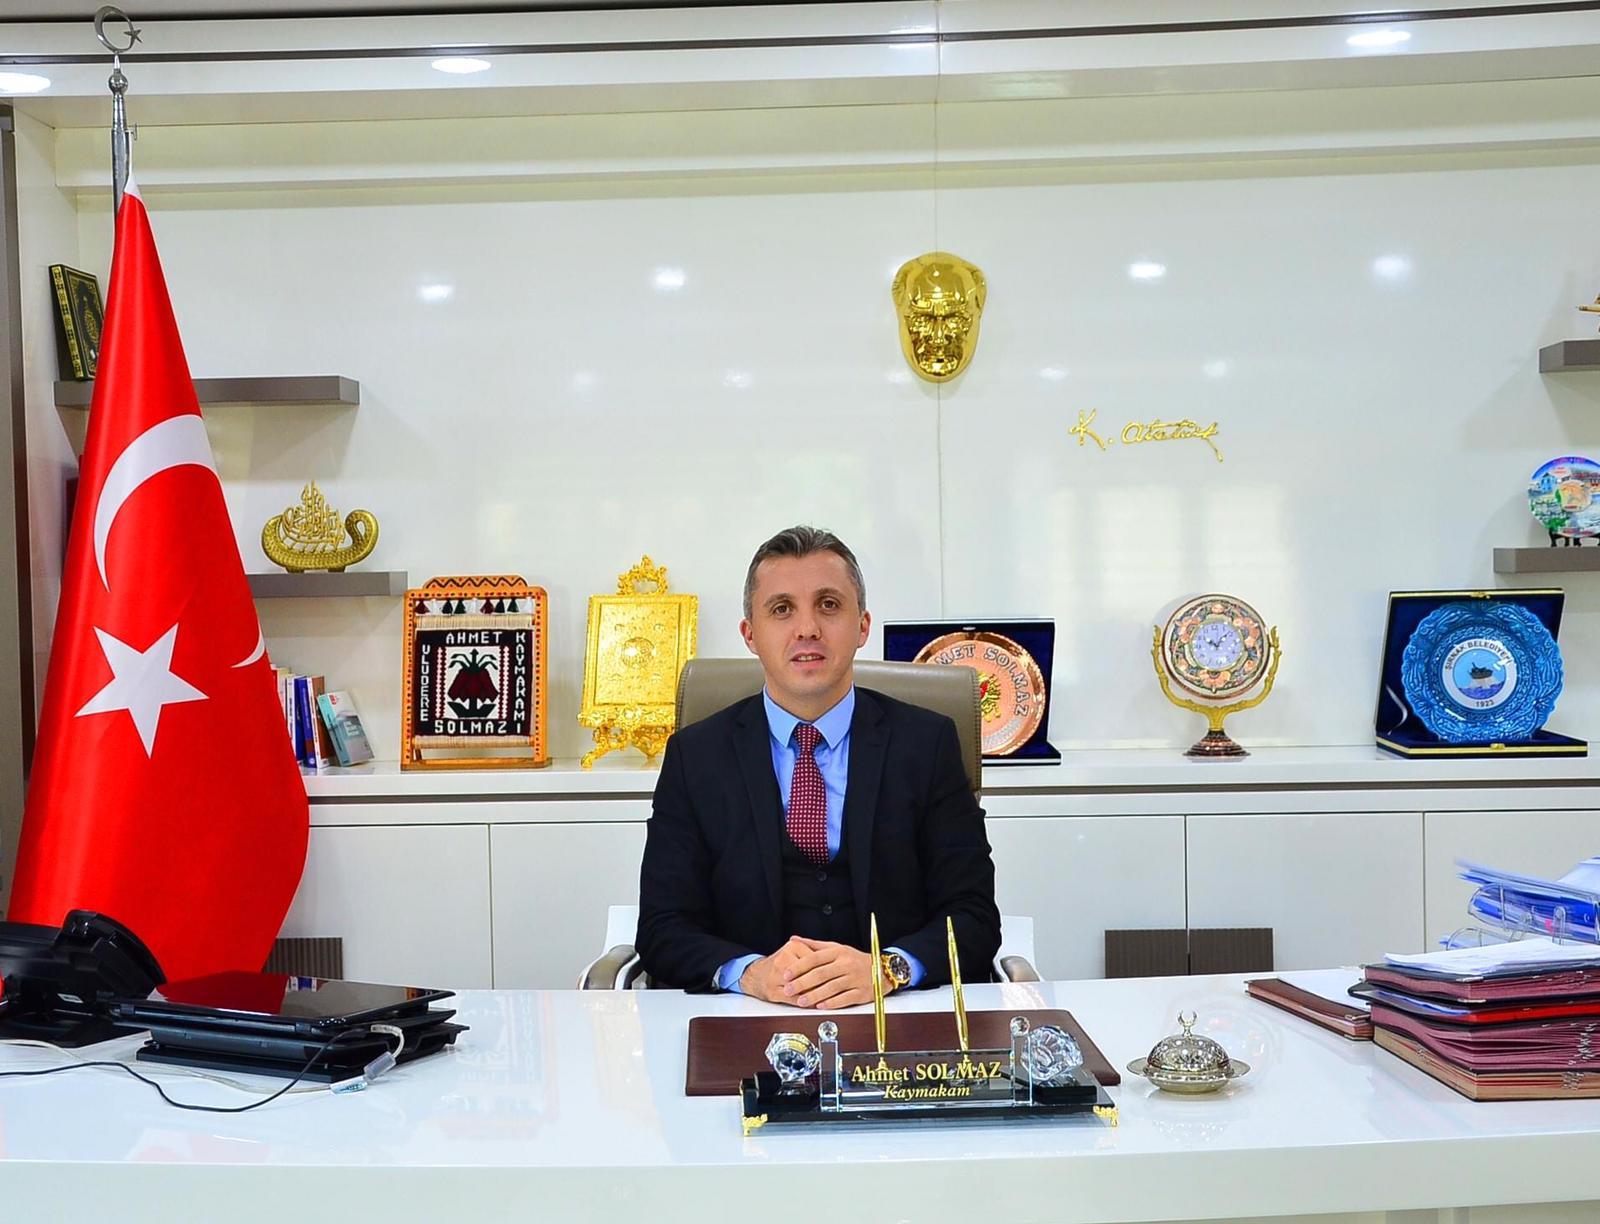 Midyat Kaymakamı Ahmet Solmaz kimdir, Midyat Kaymakamı Ahmet Solmaz nereli, Kaymakam Ahmet Solmaz kimdir?